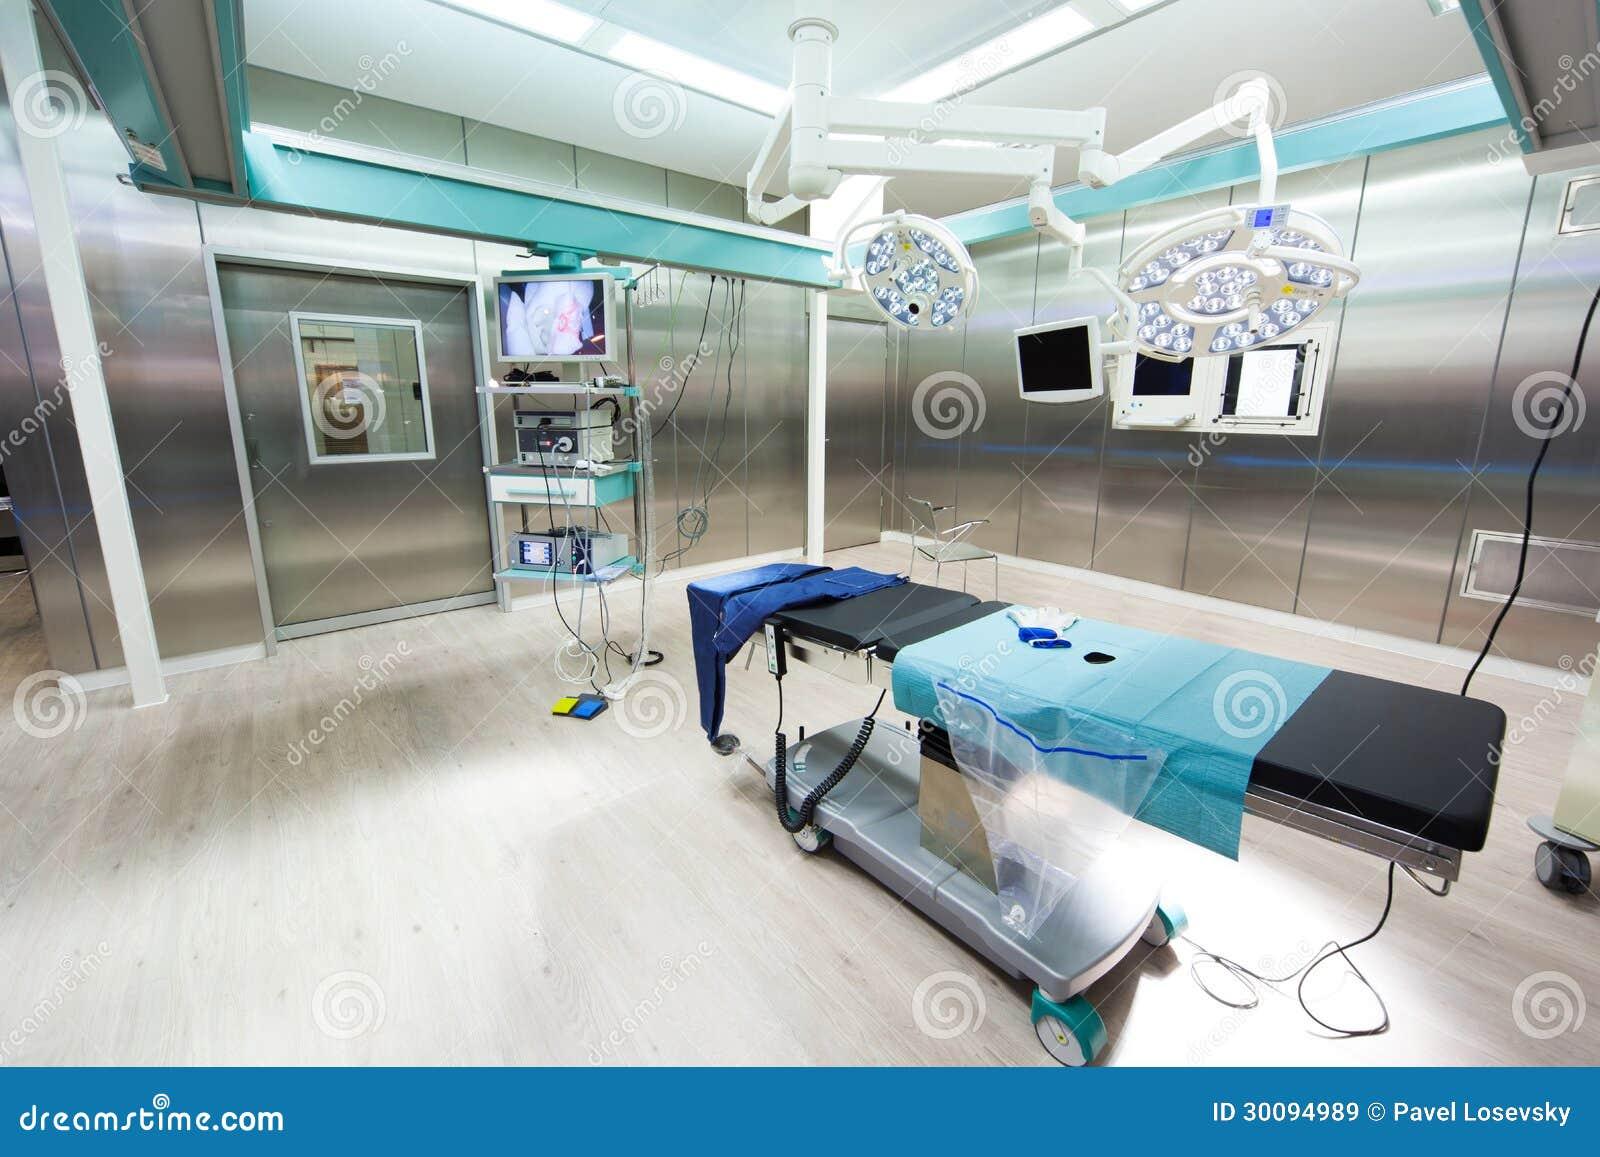 1300 x 957 jpeg 142kBHospital